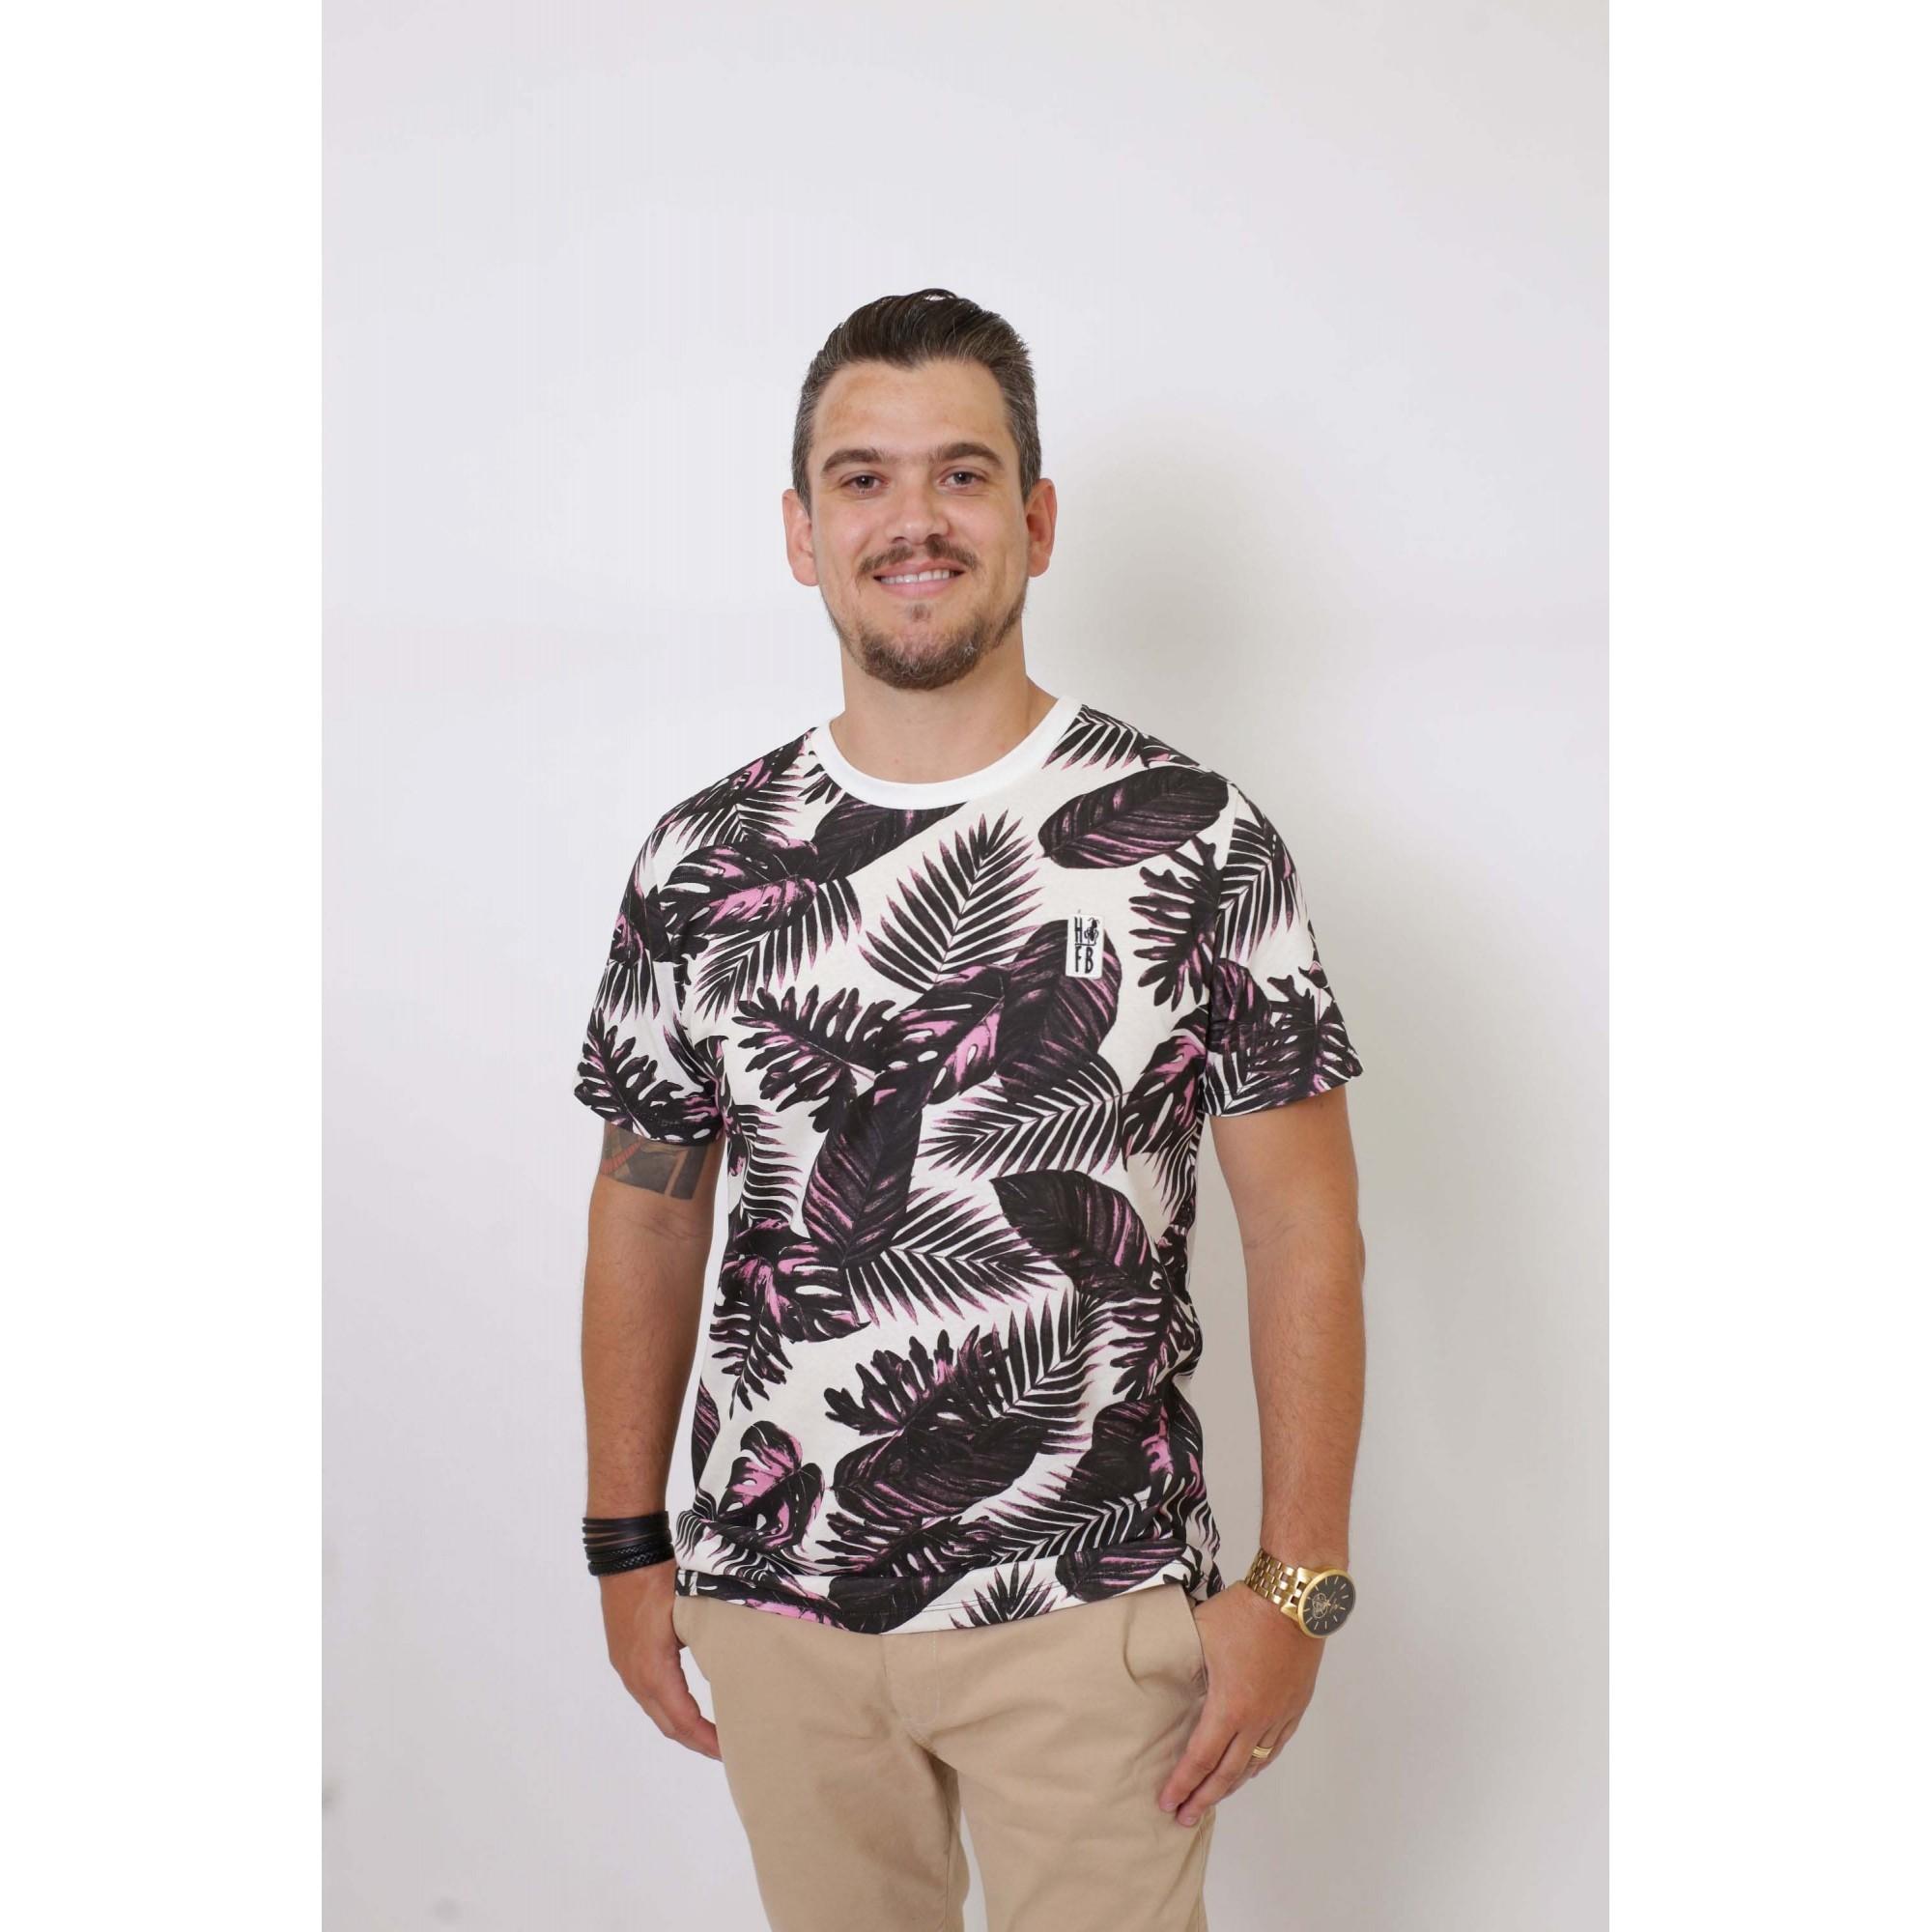 T-Shirt - Cancún Masculina   - Heitor Fashion Brazil